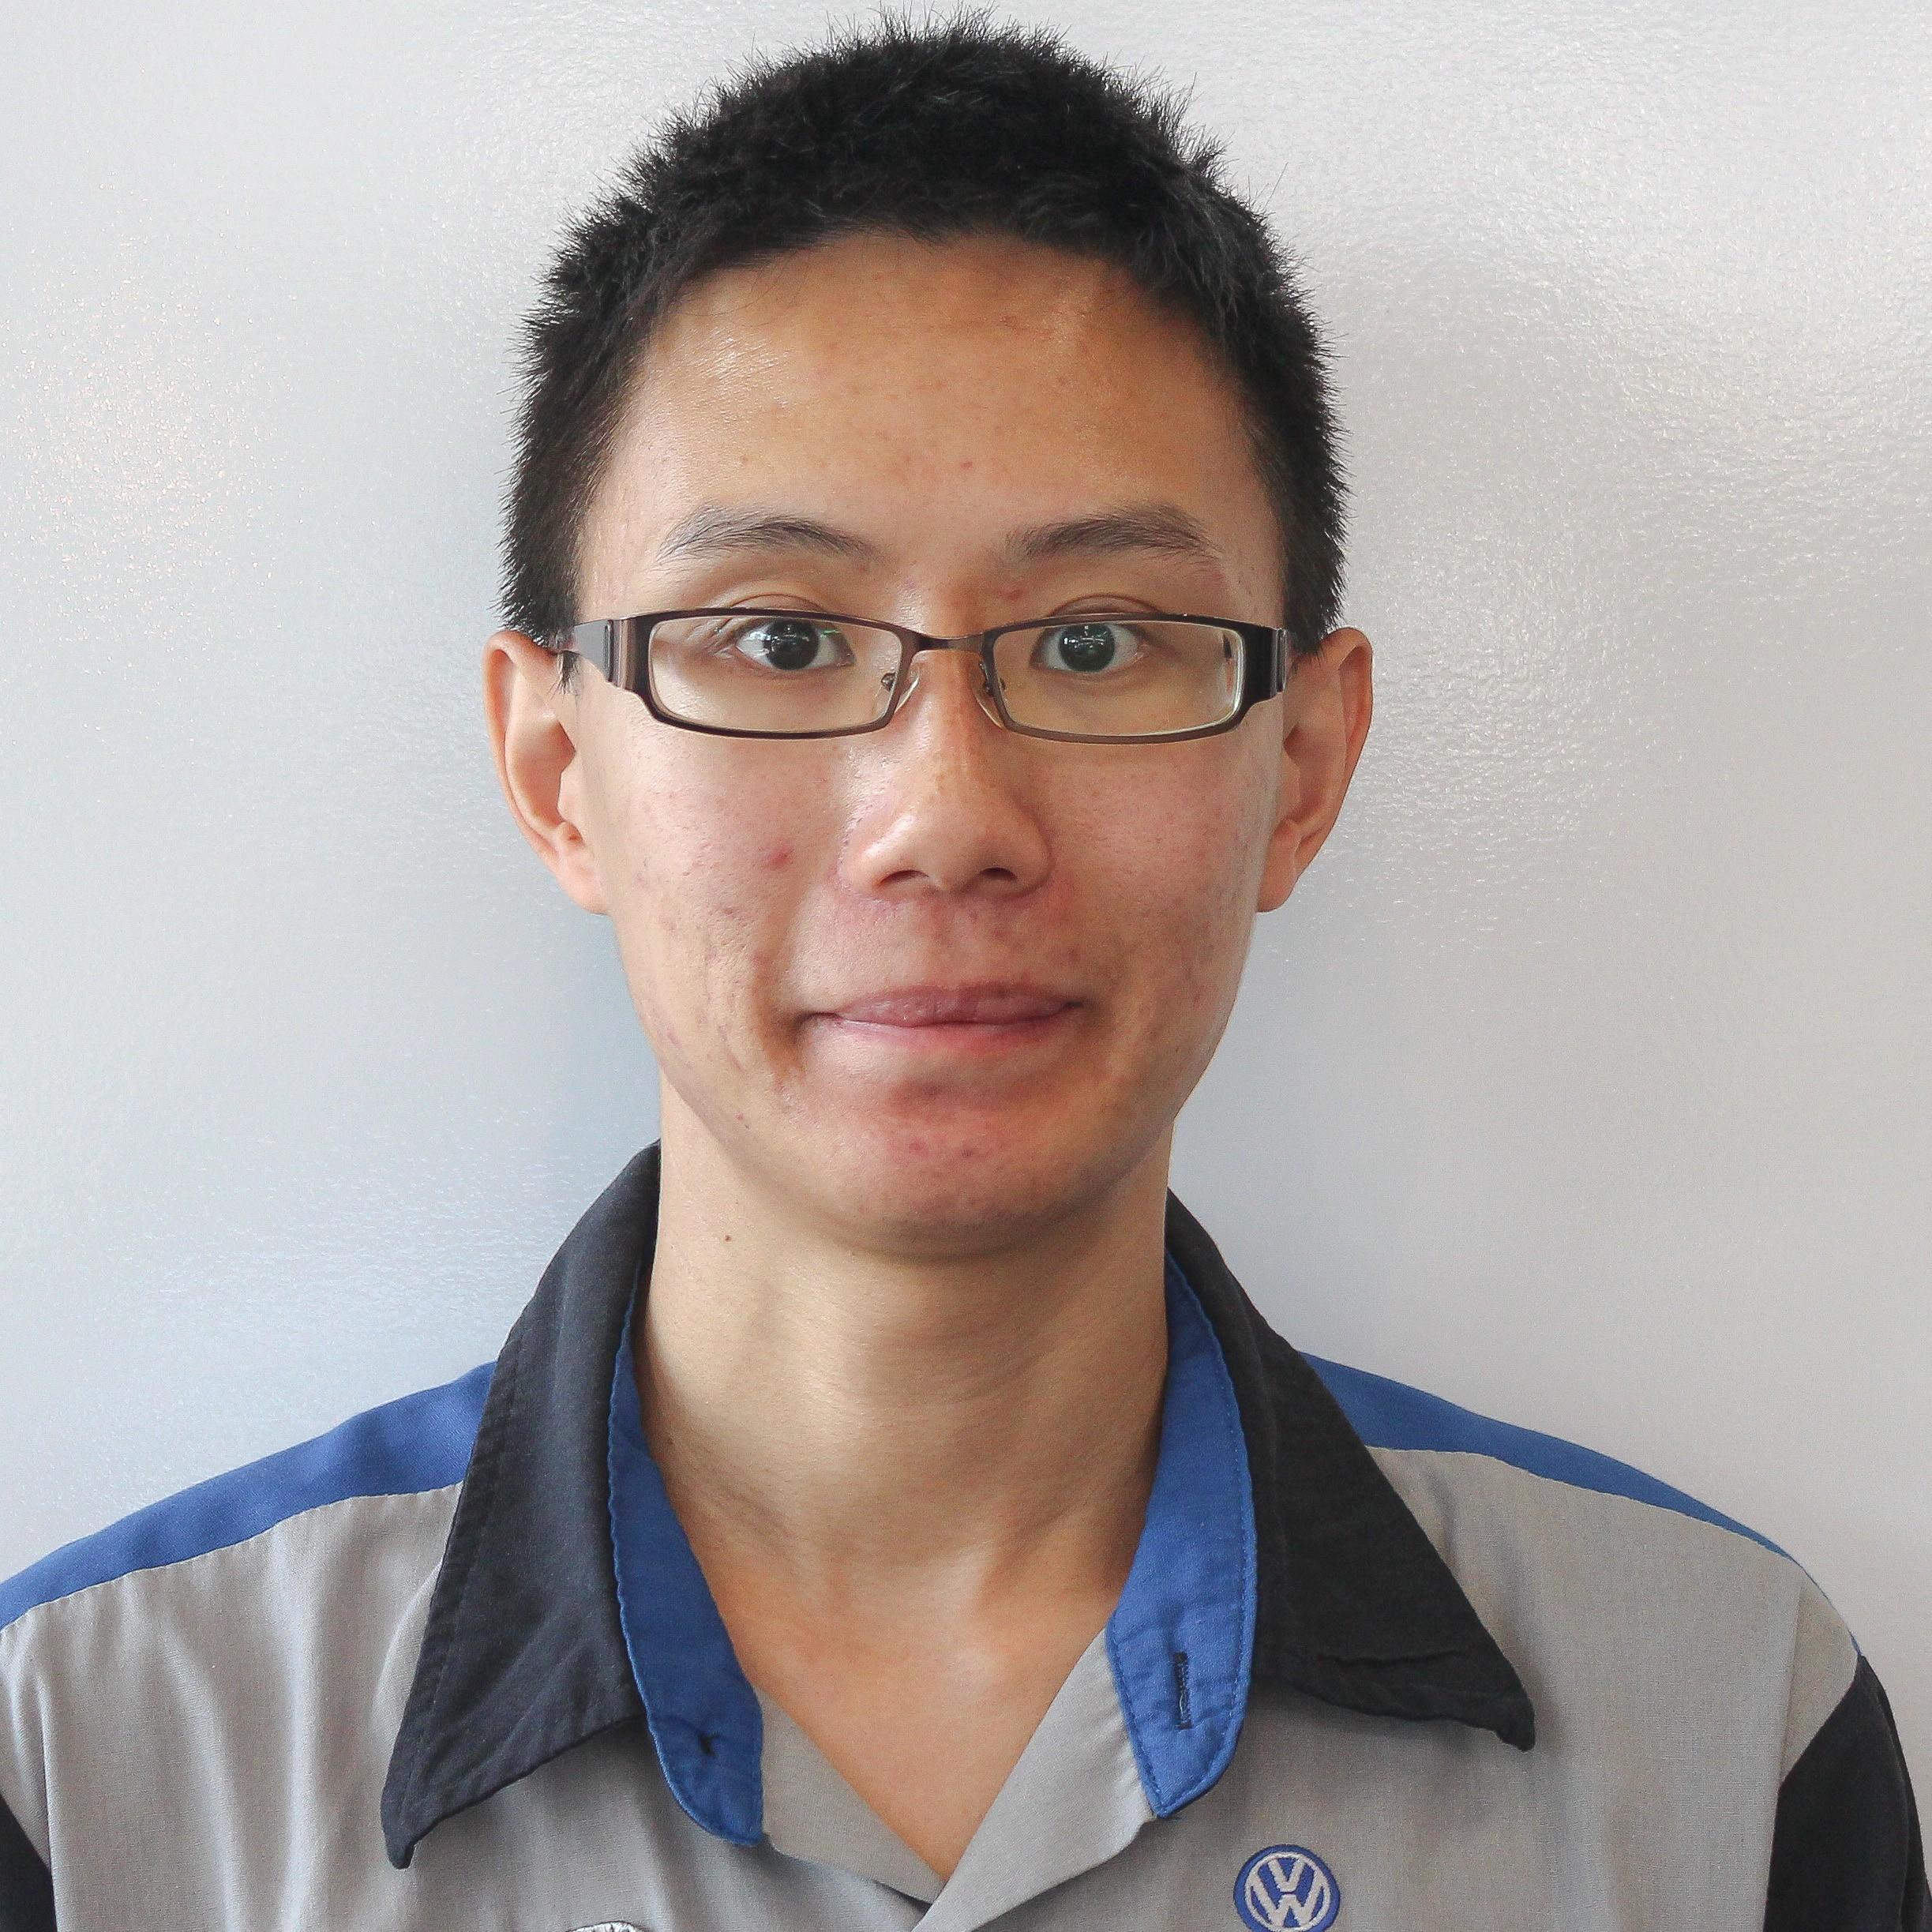 Brian Liang